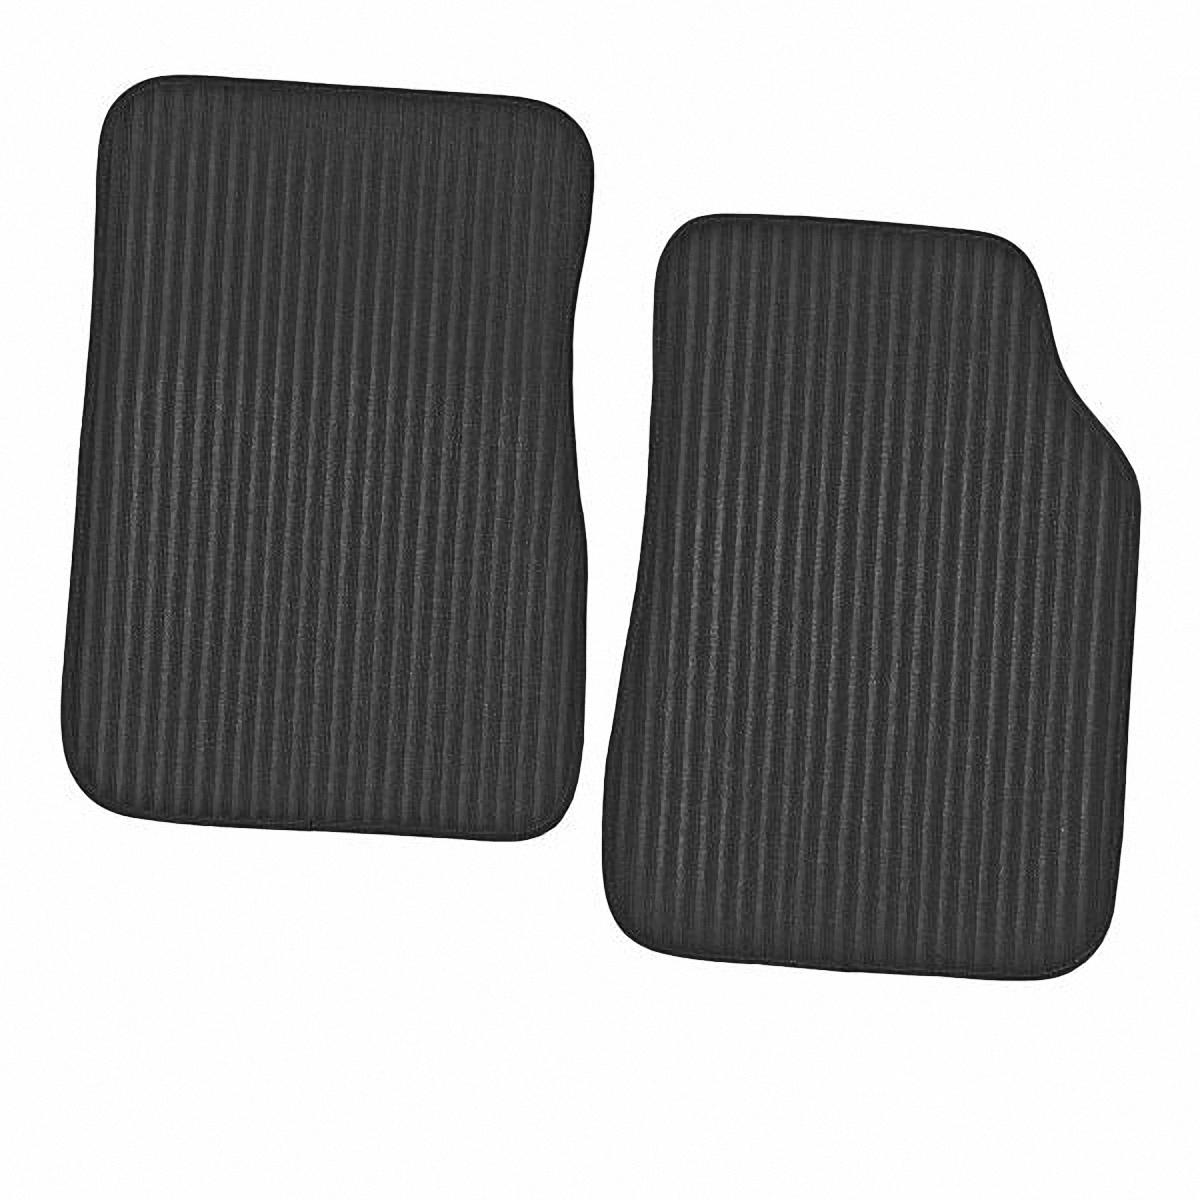 Коврик в салон автомобиля Skyway, передний, цвет: черный, 70 х 48 см, 2 шт комплект термобелья мужской серебряный пингвин лонгслив кальсоны цвет черный с 6051 к размер 48